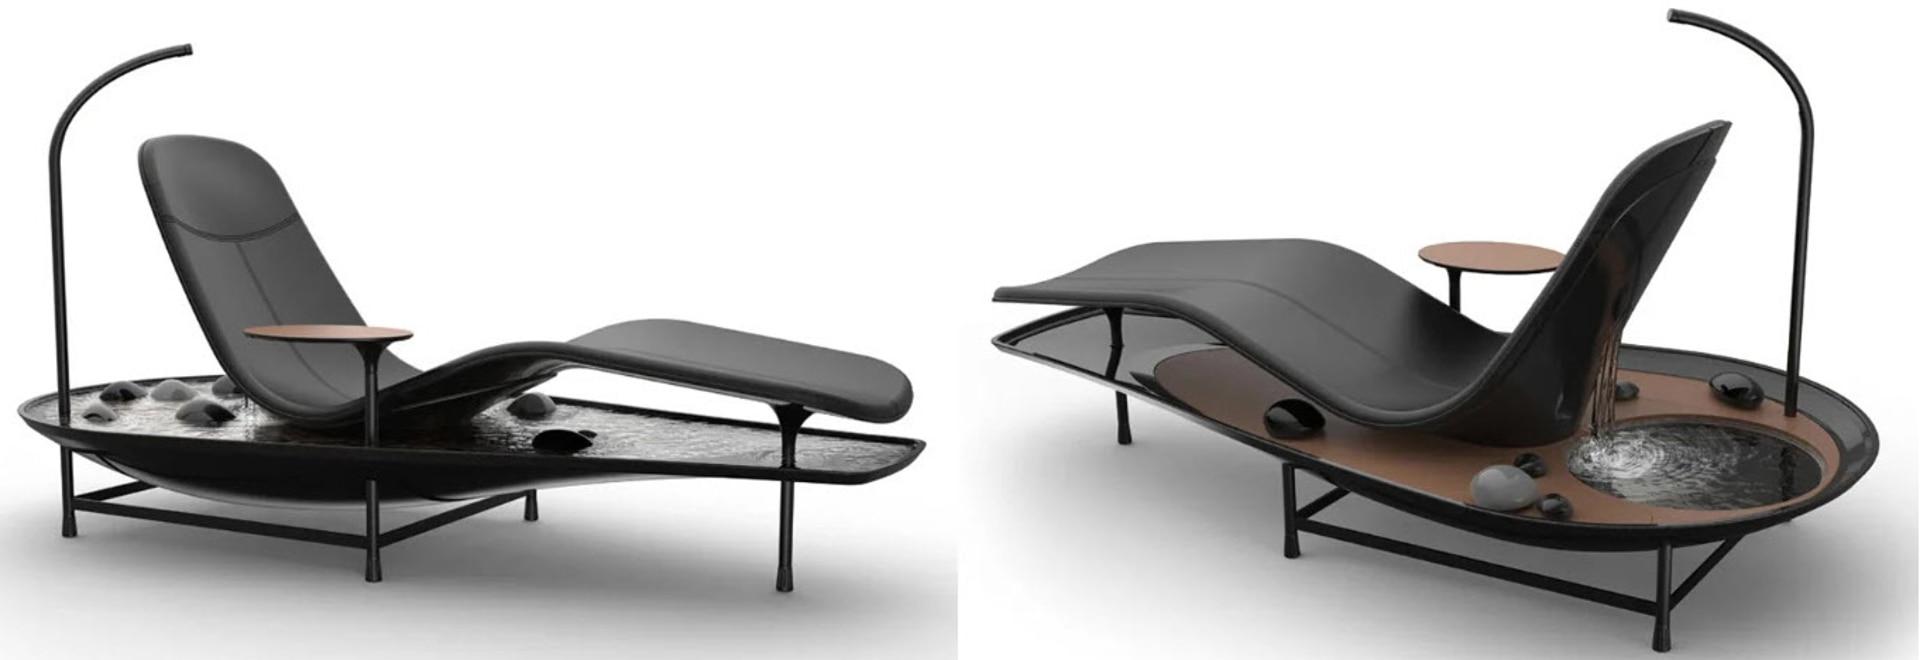 Recuéstese y relájese en su propio jardín zen con el concepto de chaise lounge Dhyan